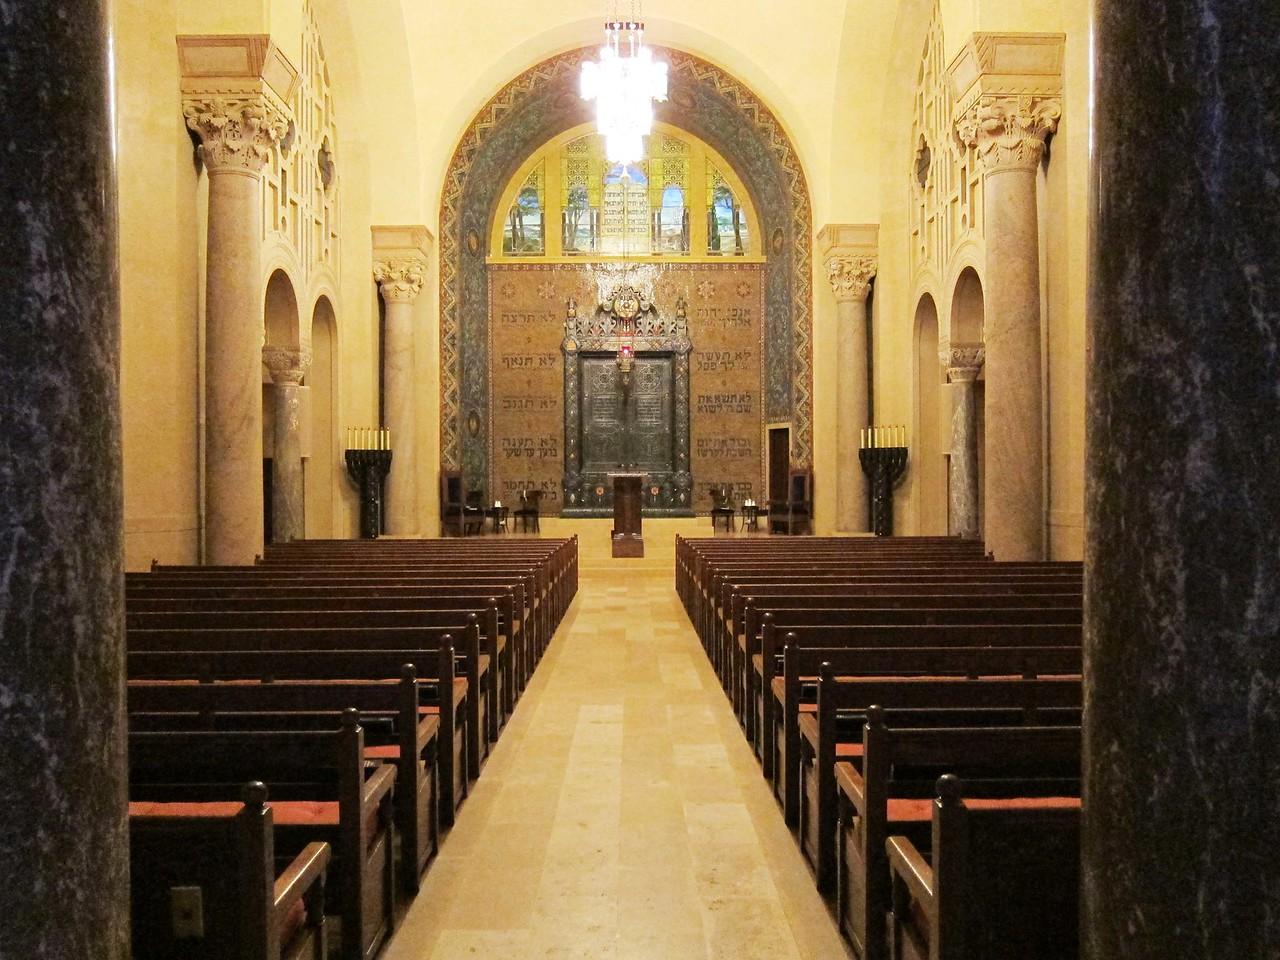 Beth-El Chapel seen from the chapel's vestibule.